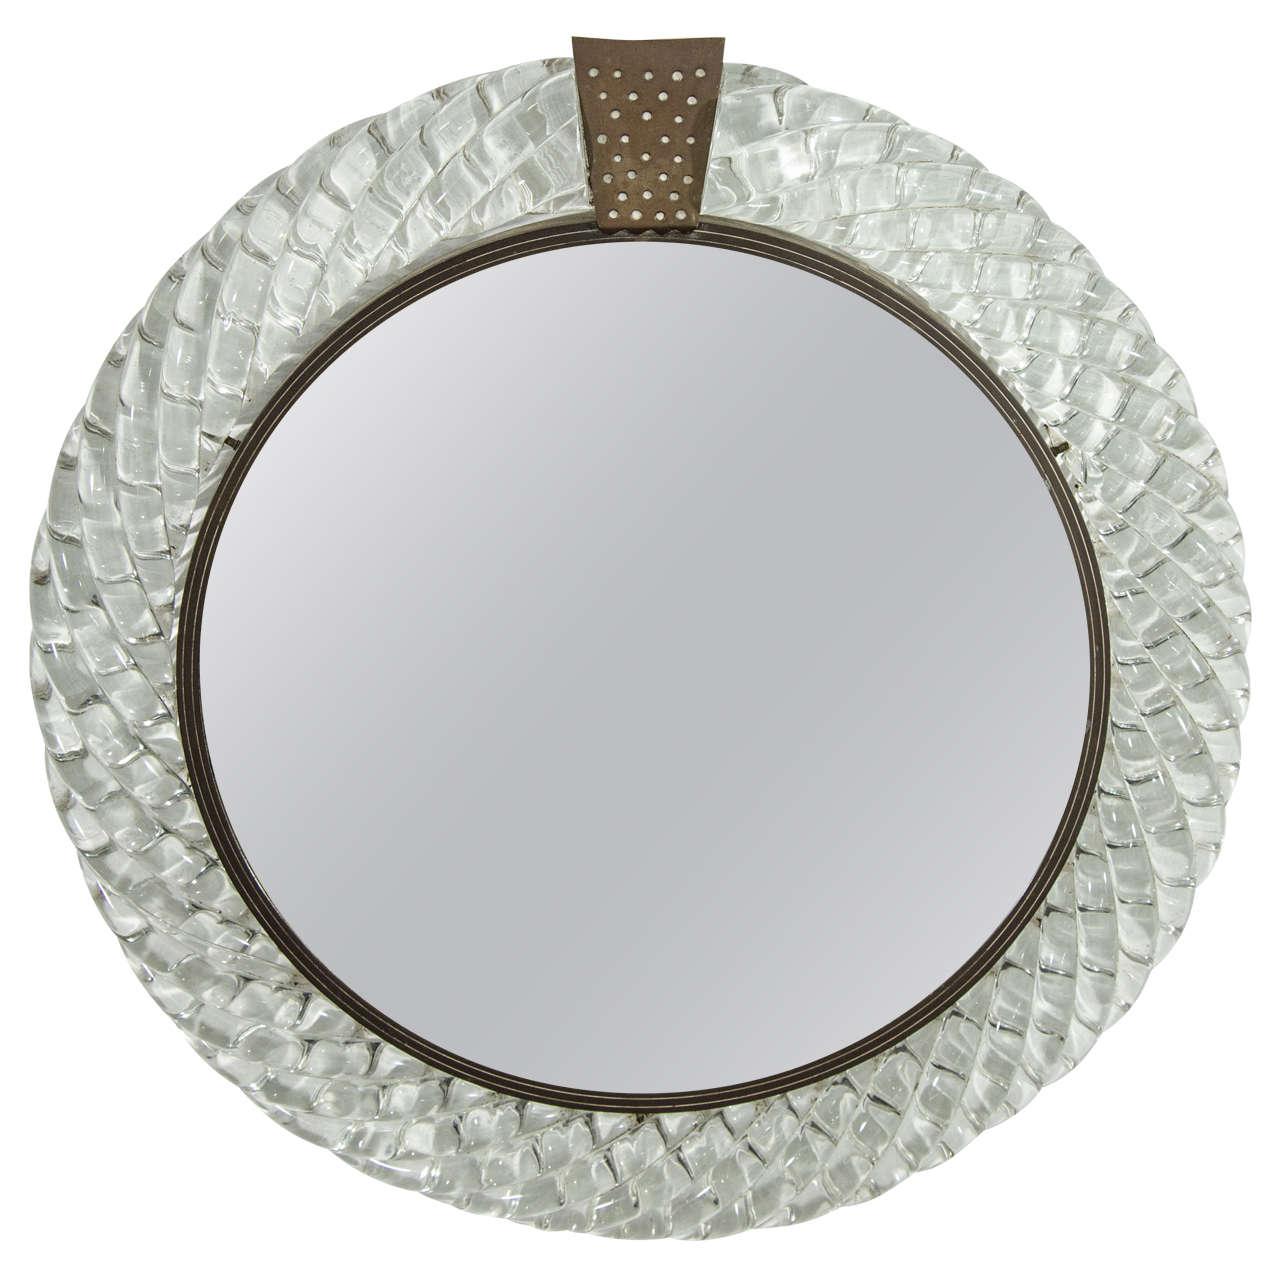 Italian Murano Glass and Bronze Wall Mirror